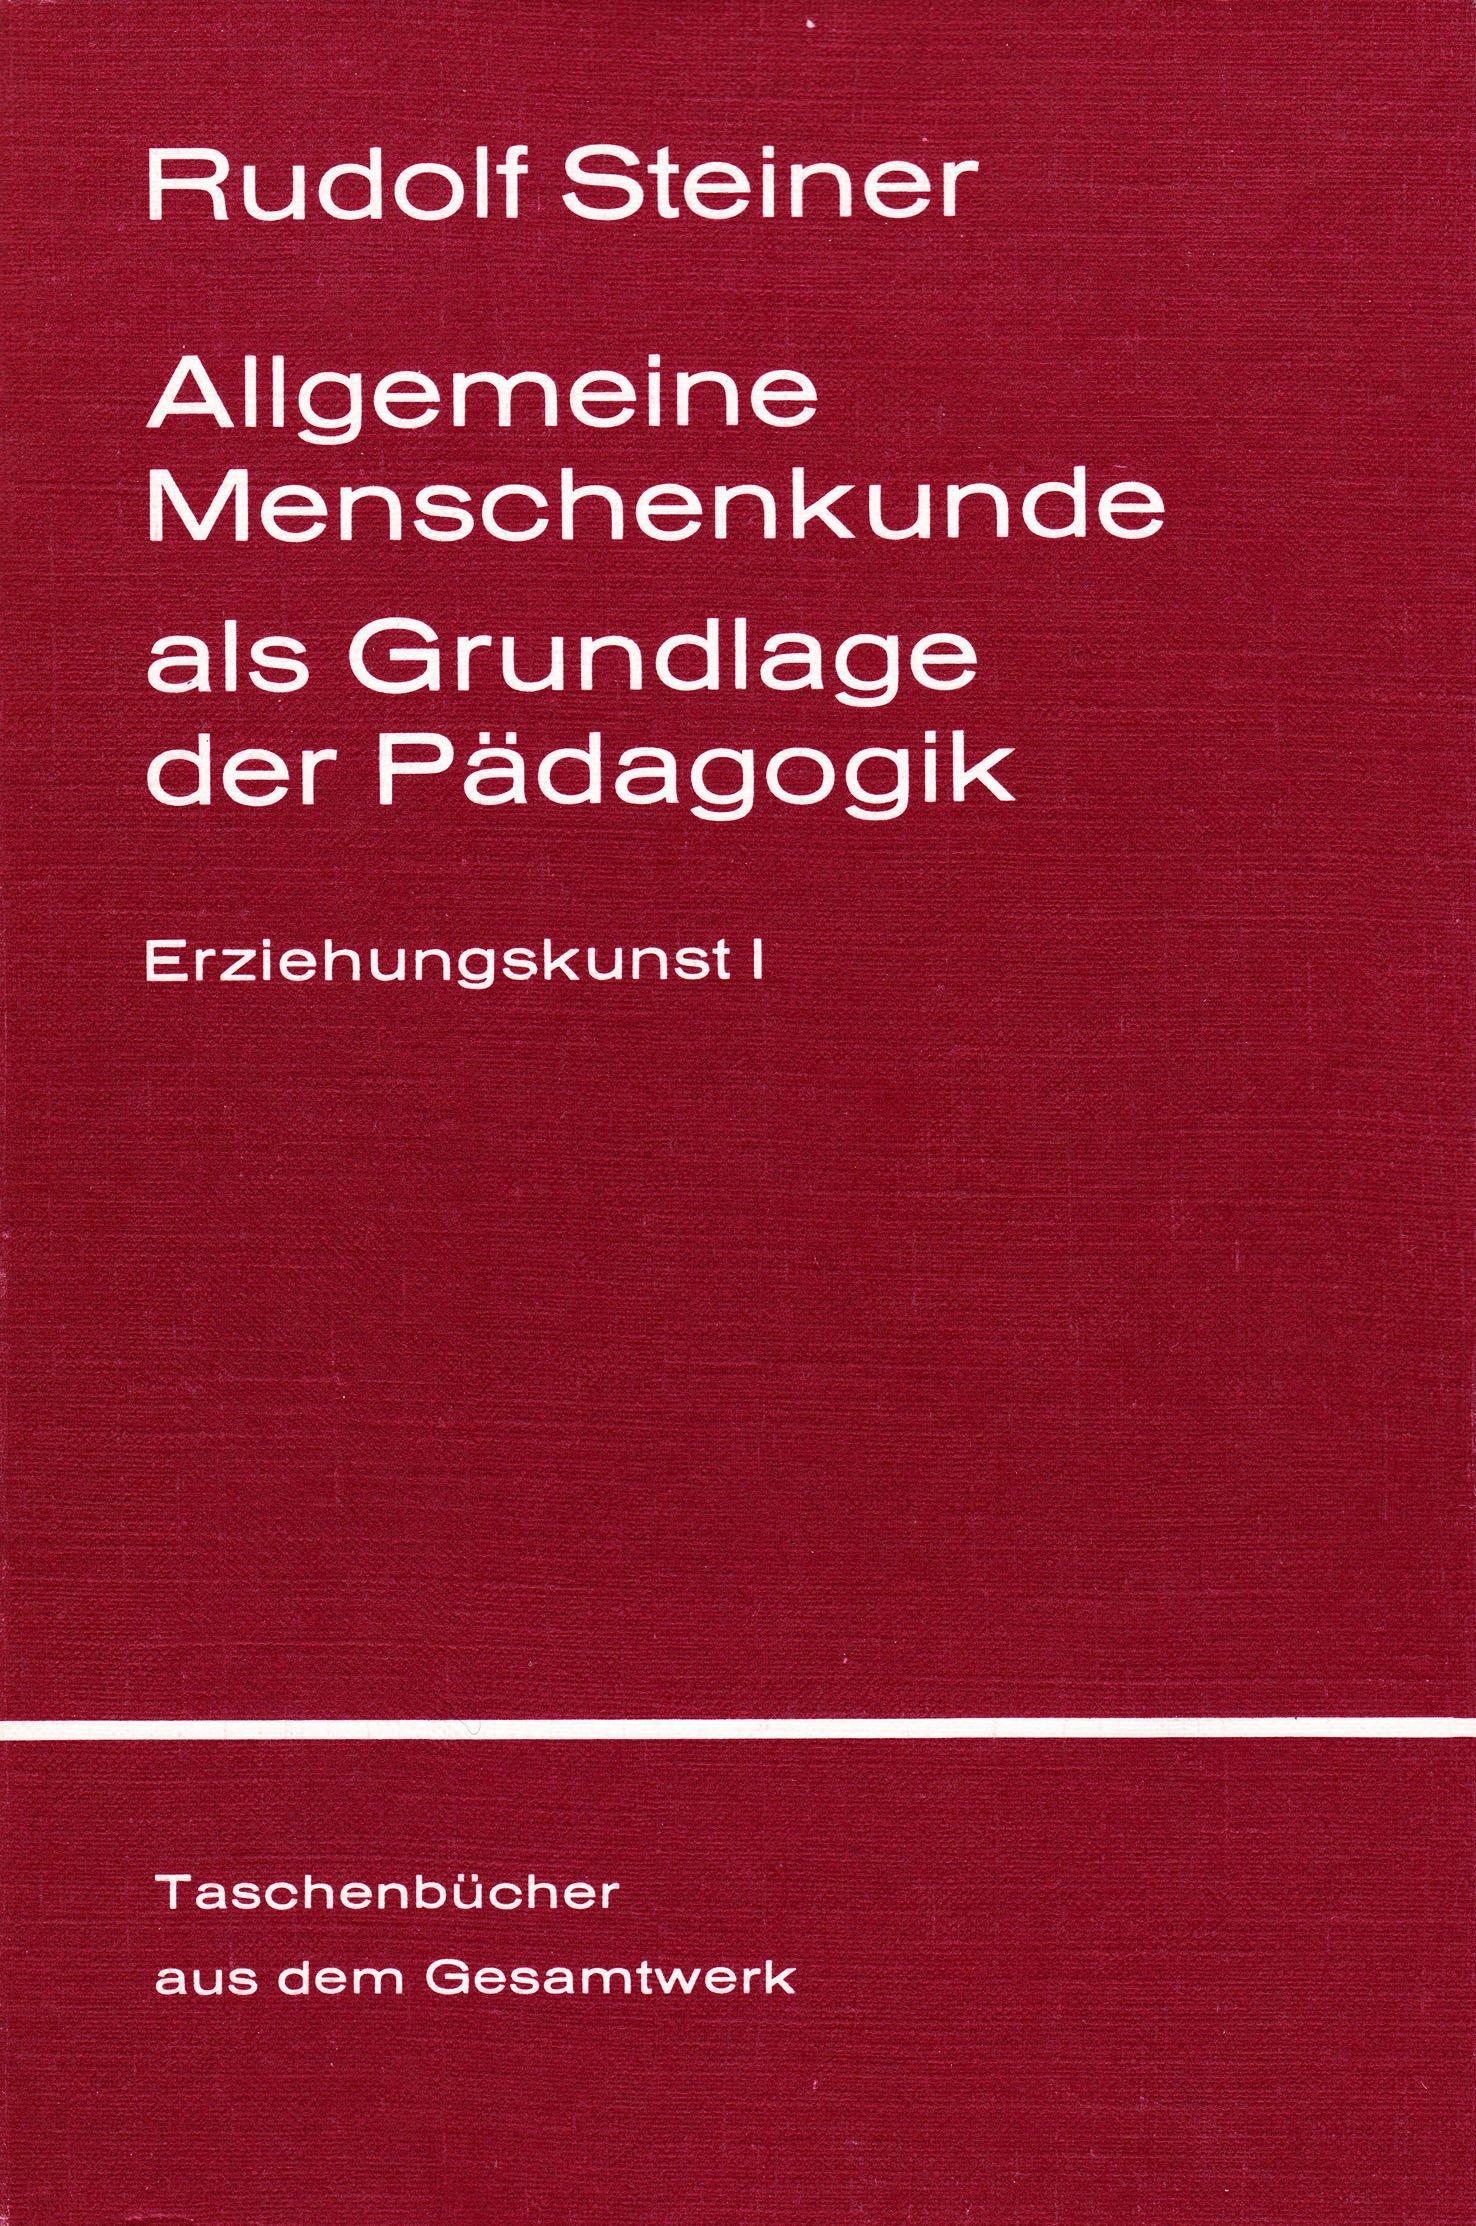 Allgemeine Menschenkunde als Grundlage der Pädagogik. Ein pädagogischer Grundkurs, Stuttgart 1919